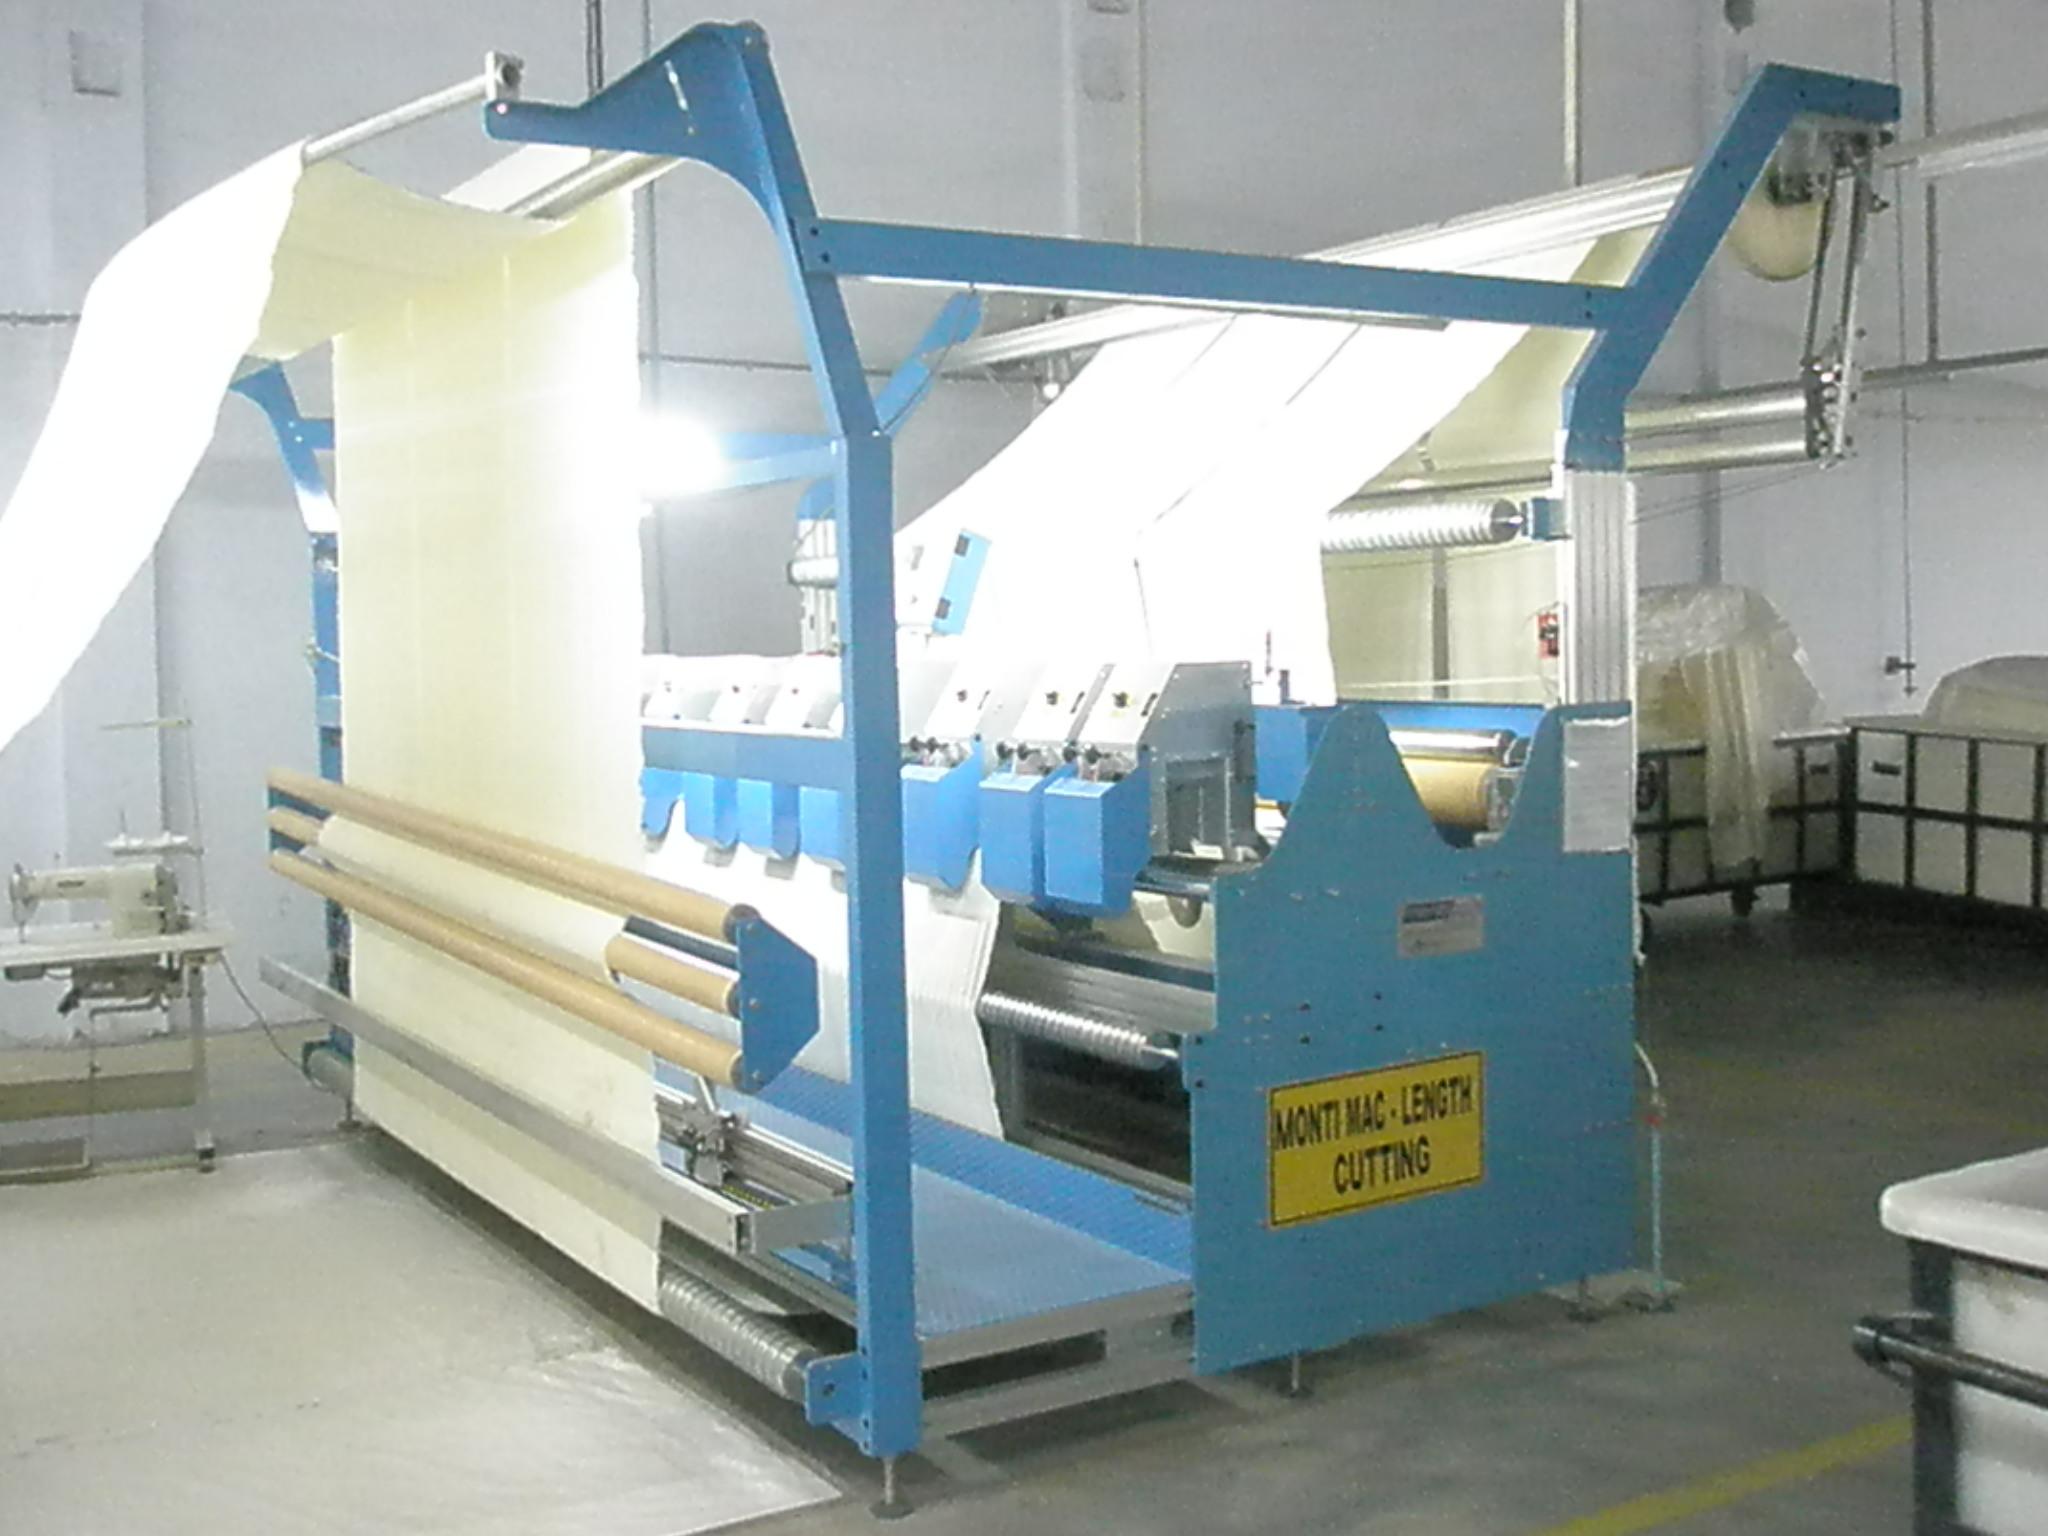 Macchine da taglio macchine da cucire e for Macchine per cucire portatili